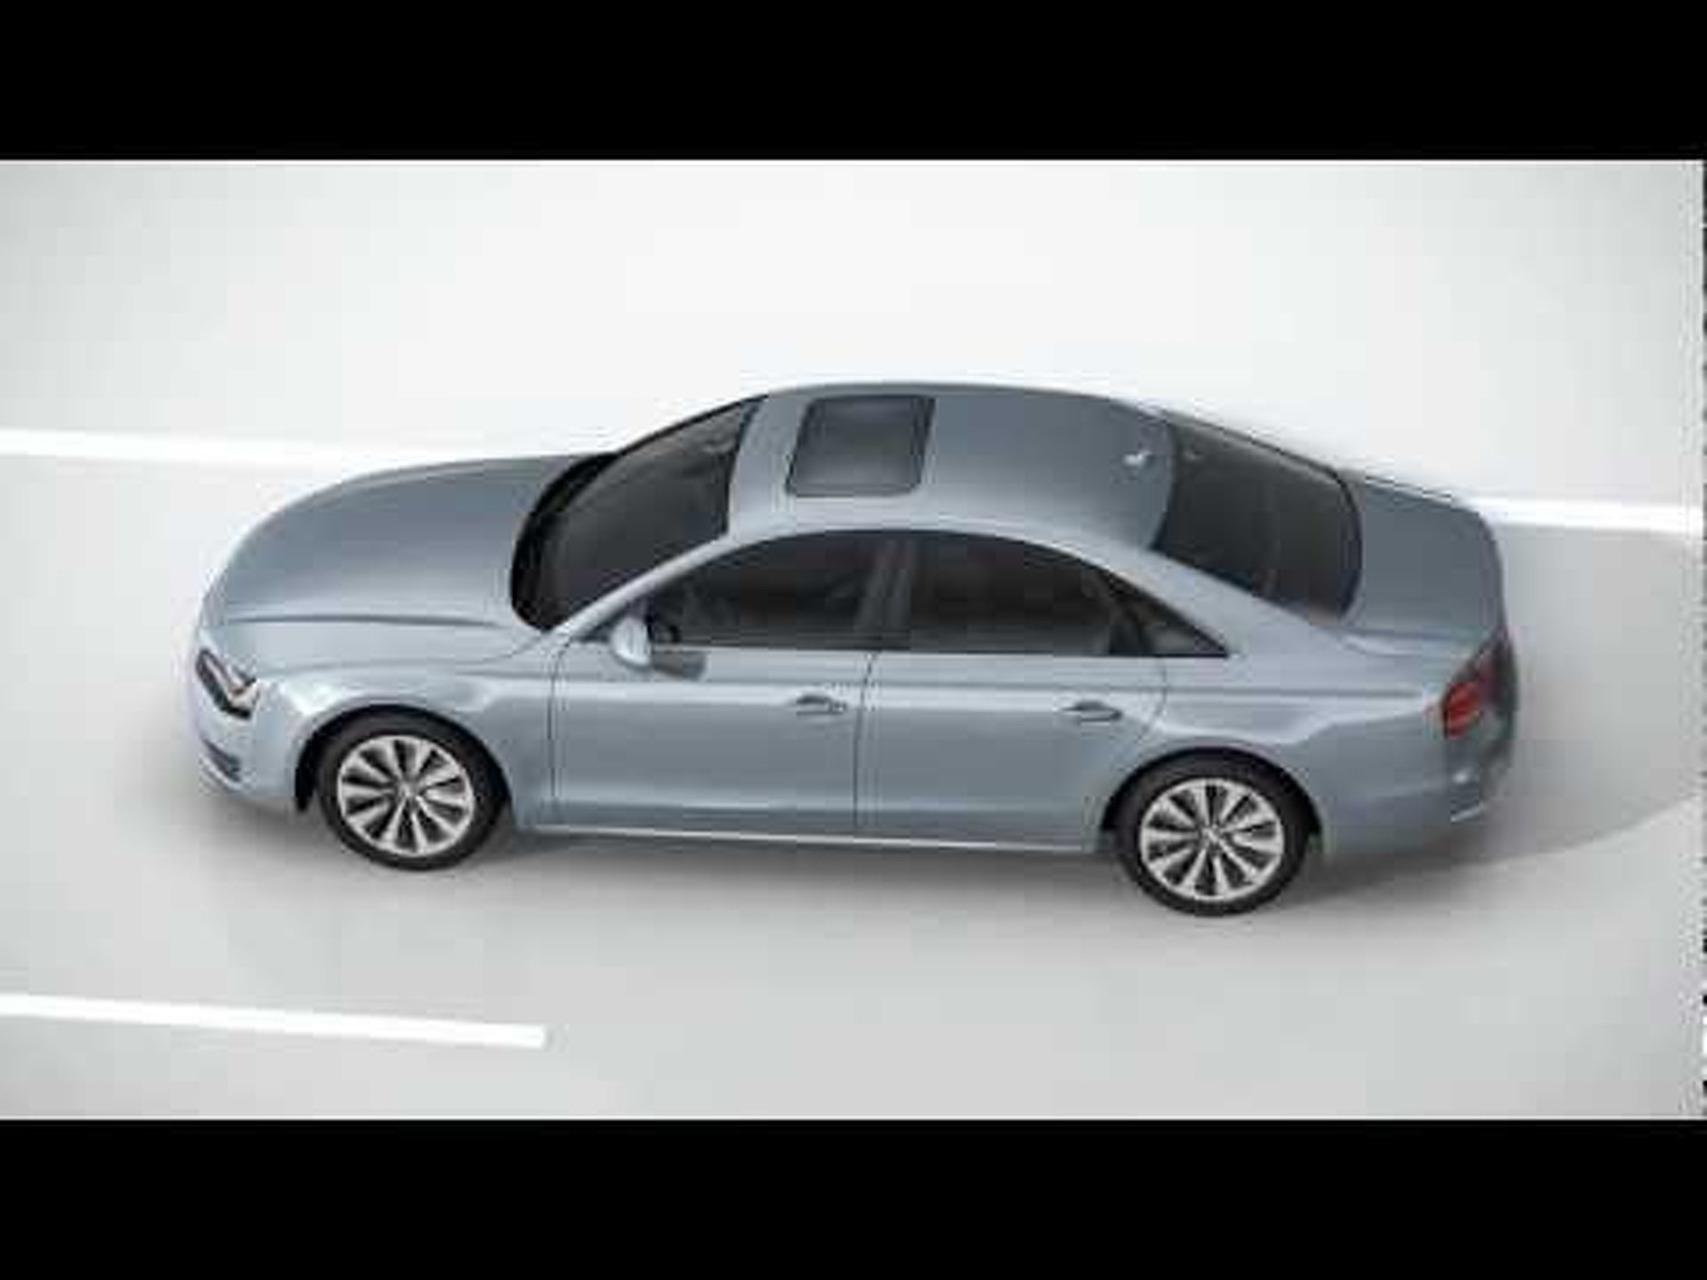 Audi A8 Hybrid Animation